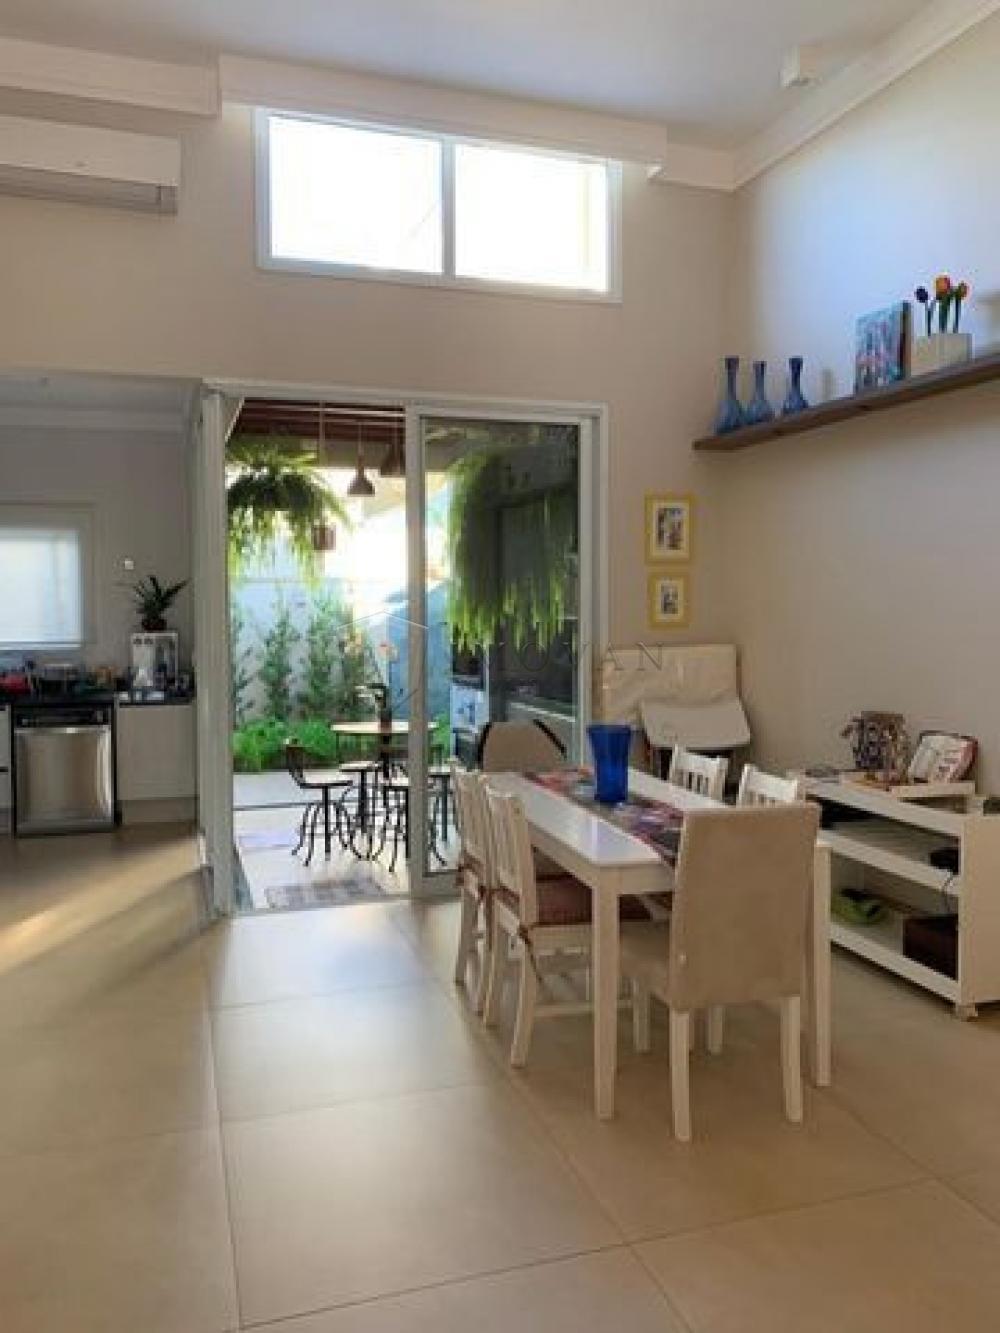 Comprar Casa / Condomínio em Ribeirão Preto R$ 850.000,00 - Foto 4